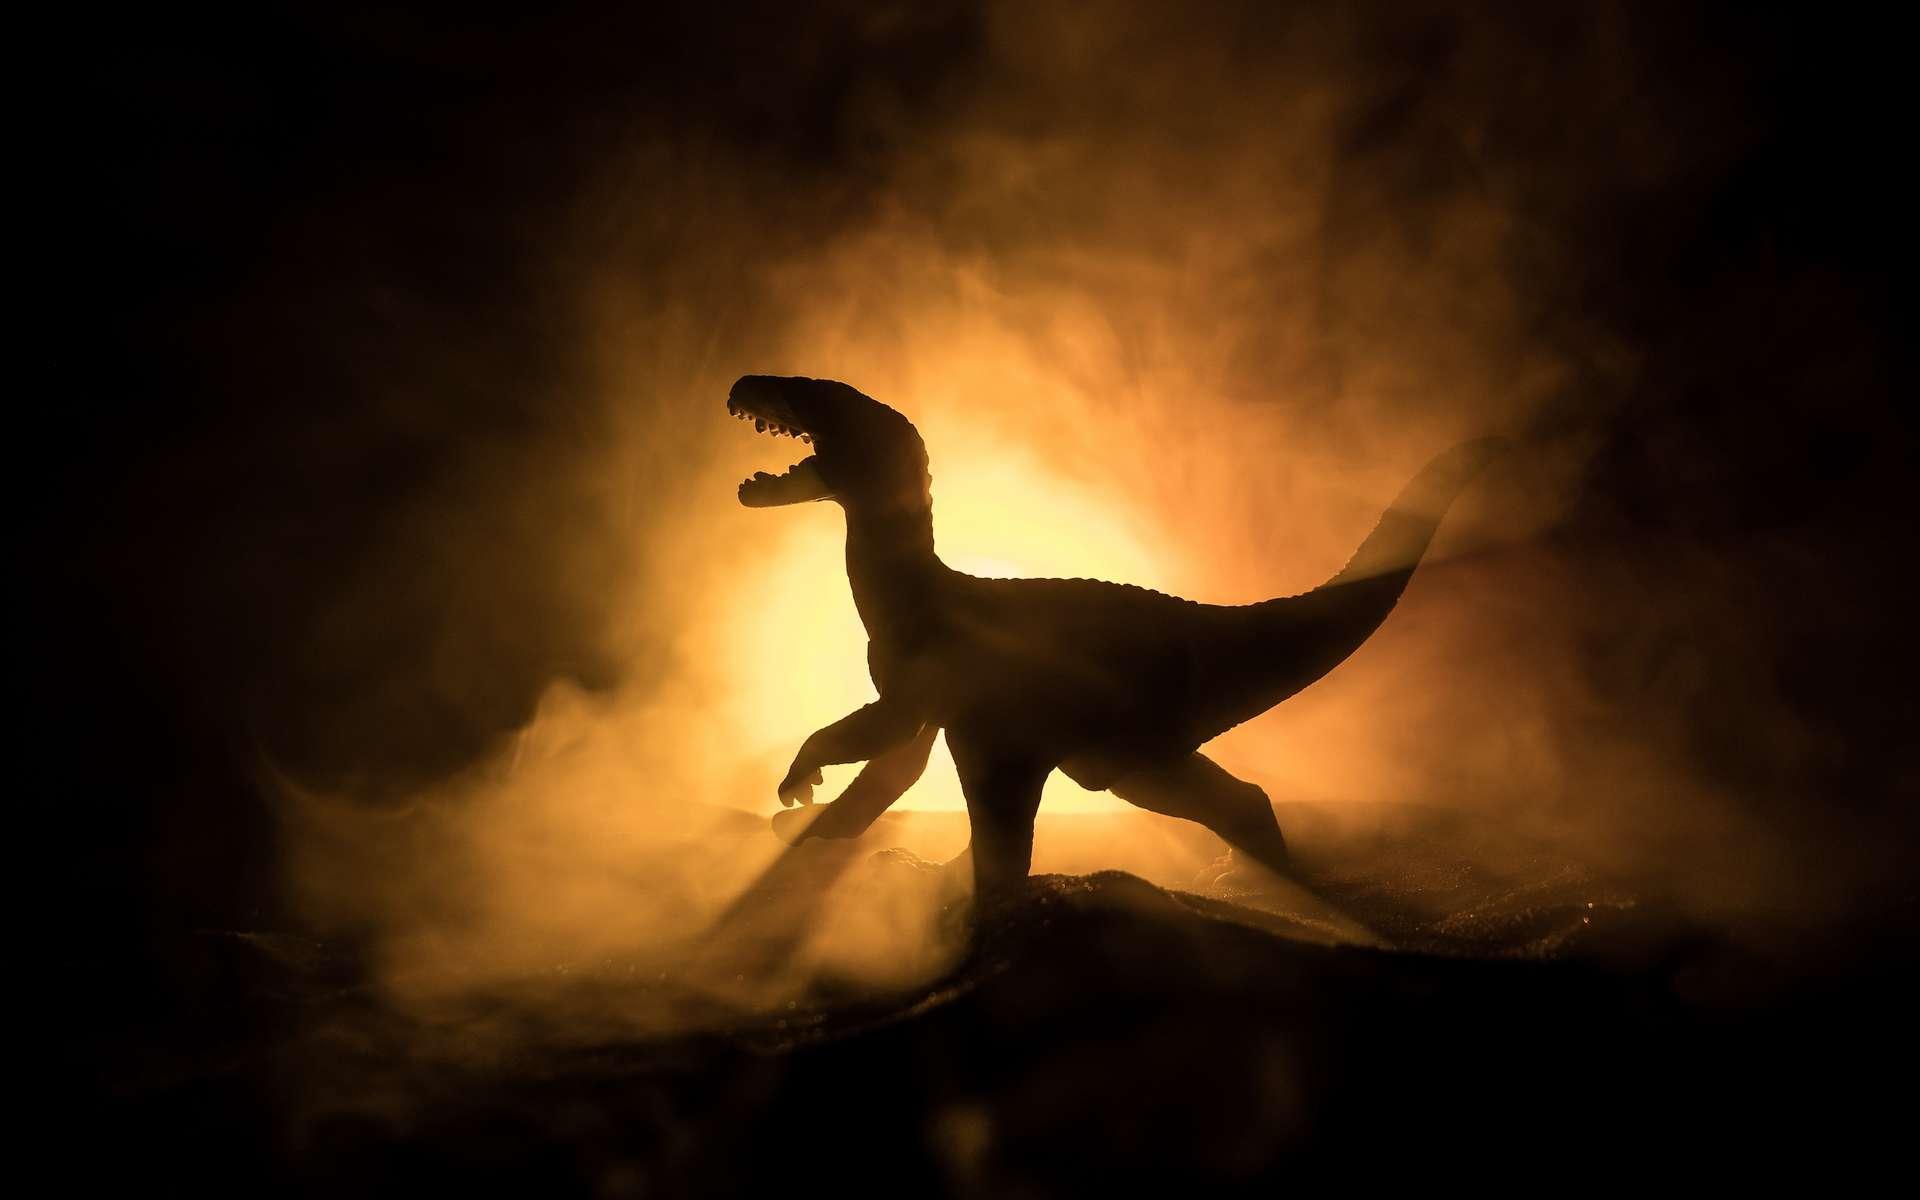 Des chercheurs nous en apprennent un peu plus sur le T-Rex. Il aurait vécu et chassé en meute et se serait déplacé plus lentement que ne le pensaient les paléontologues par le passé. © zef art, Adobe Stock